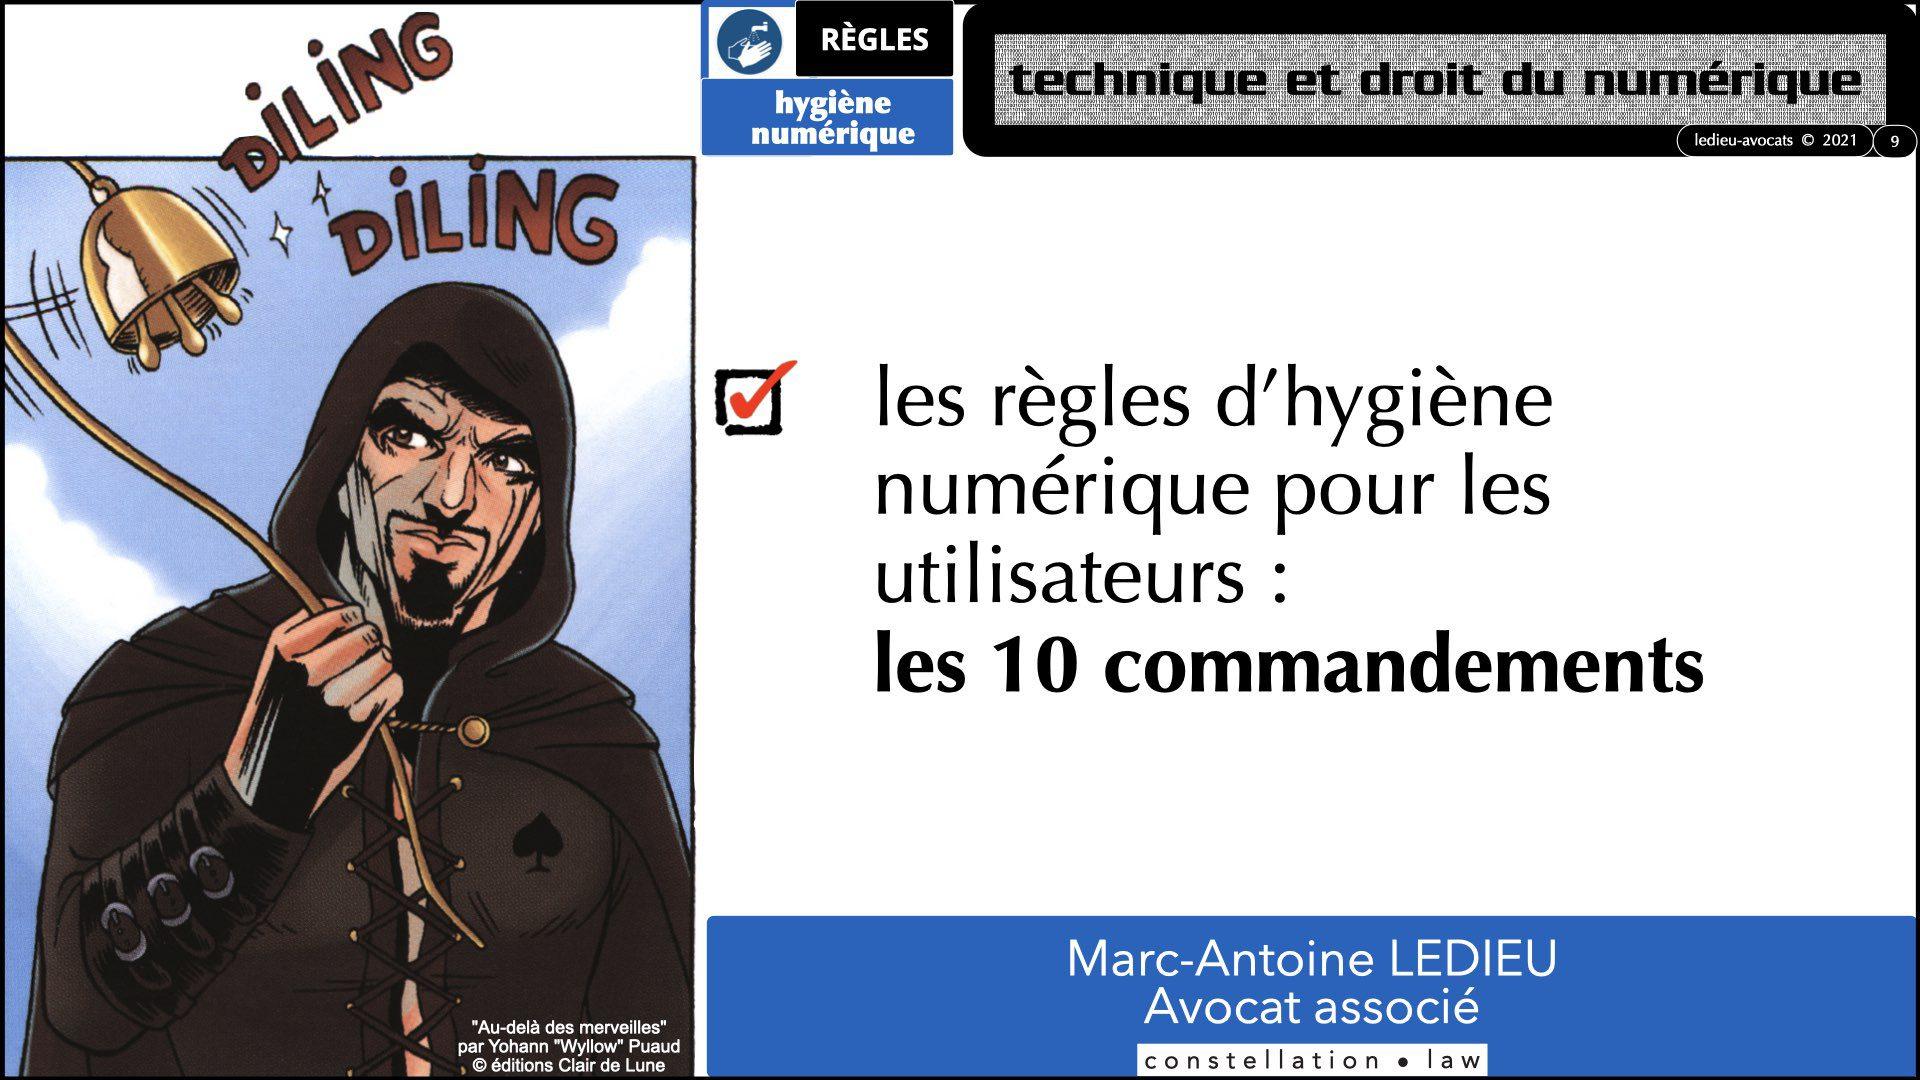 345 10 commandements hygiène numérique © Ledieu-Avocats technique droit numérique 07-09-2021.009